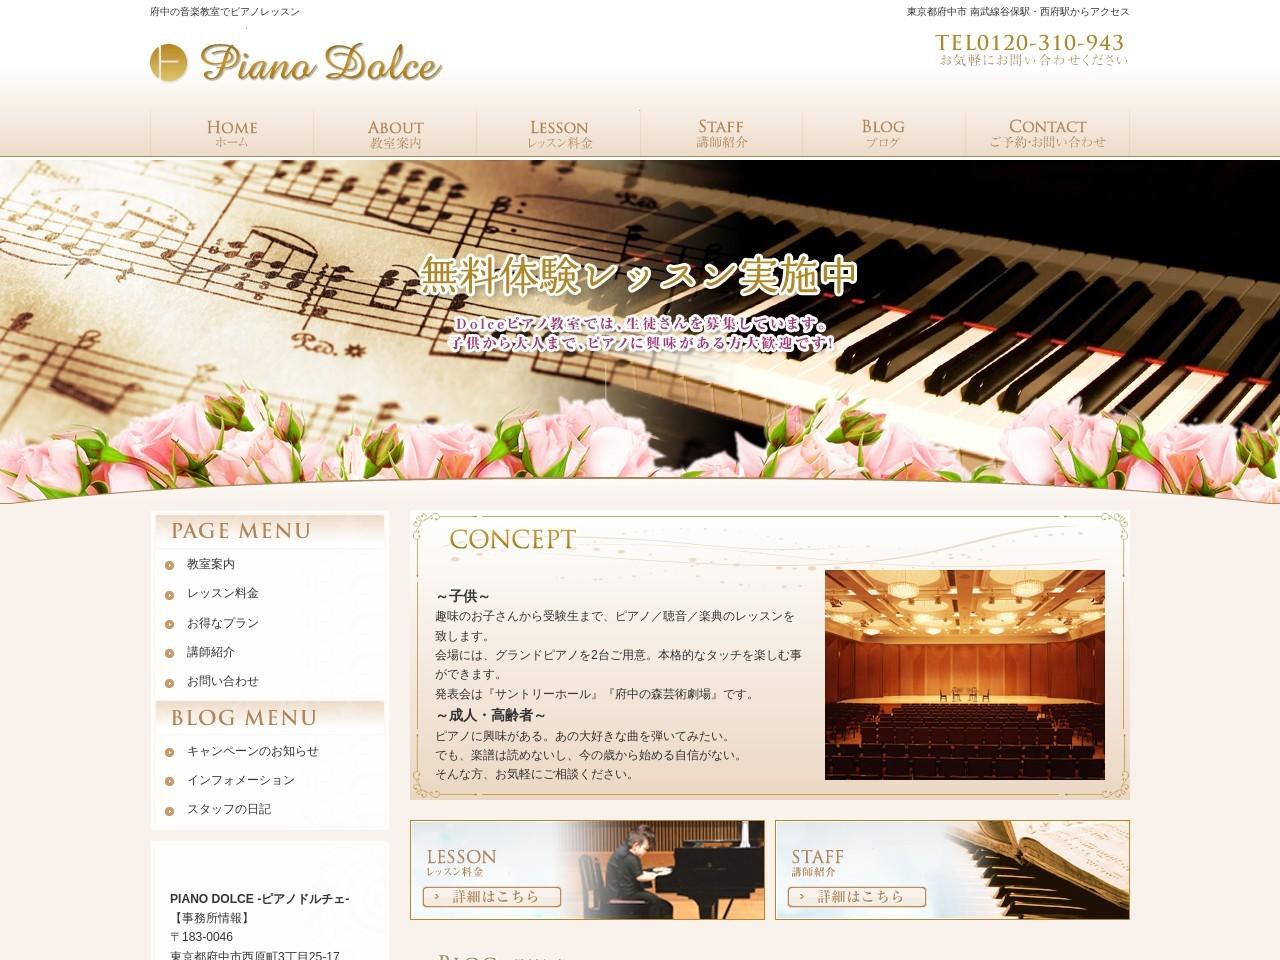 ピアノドルチェのサムネイル